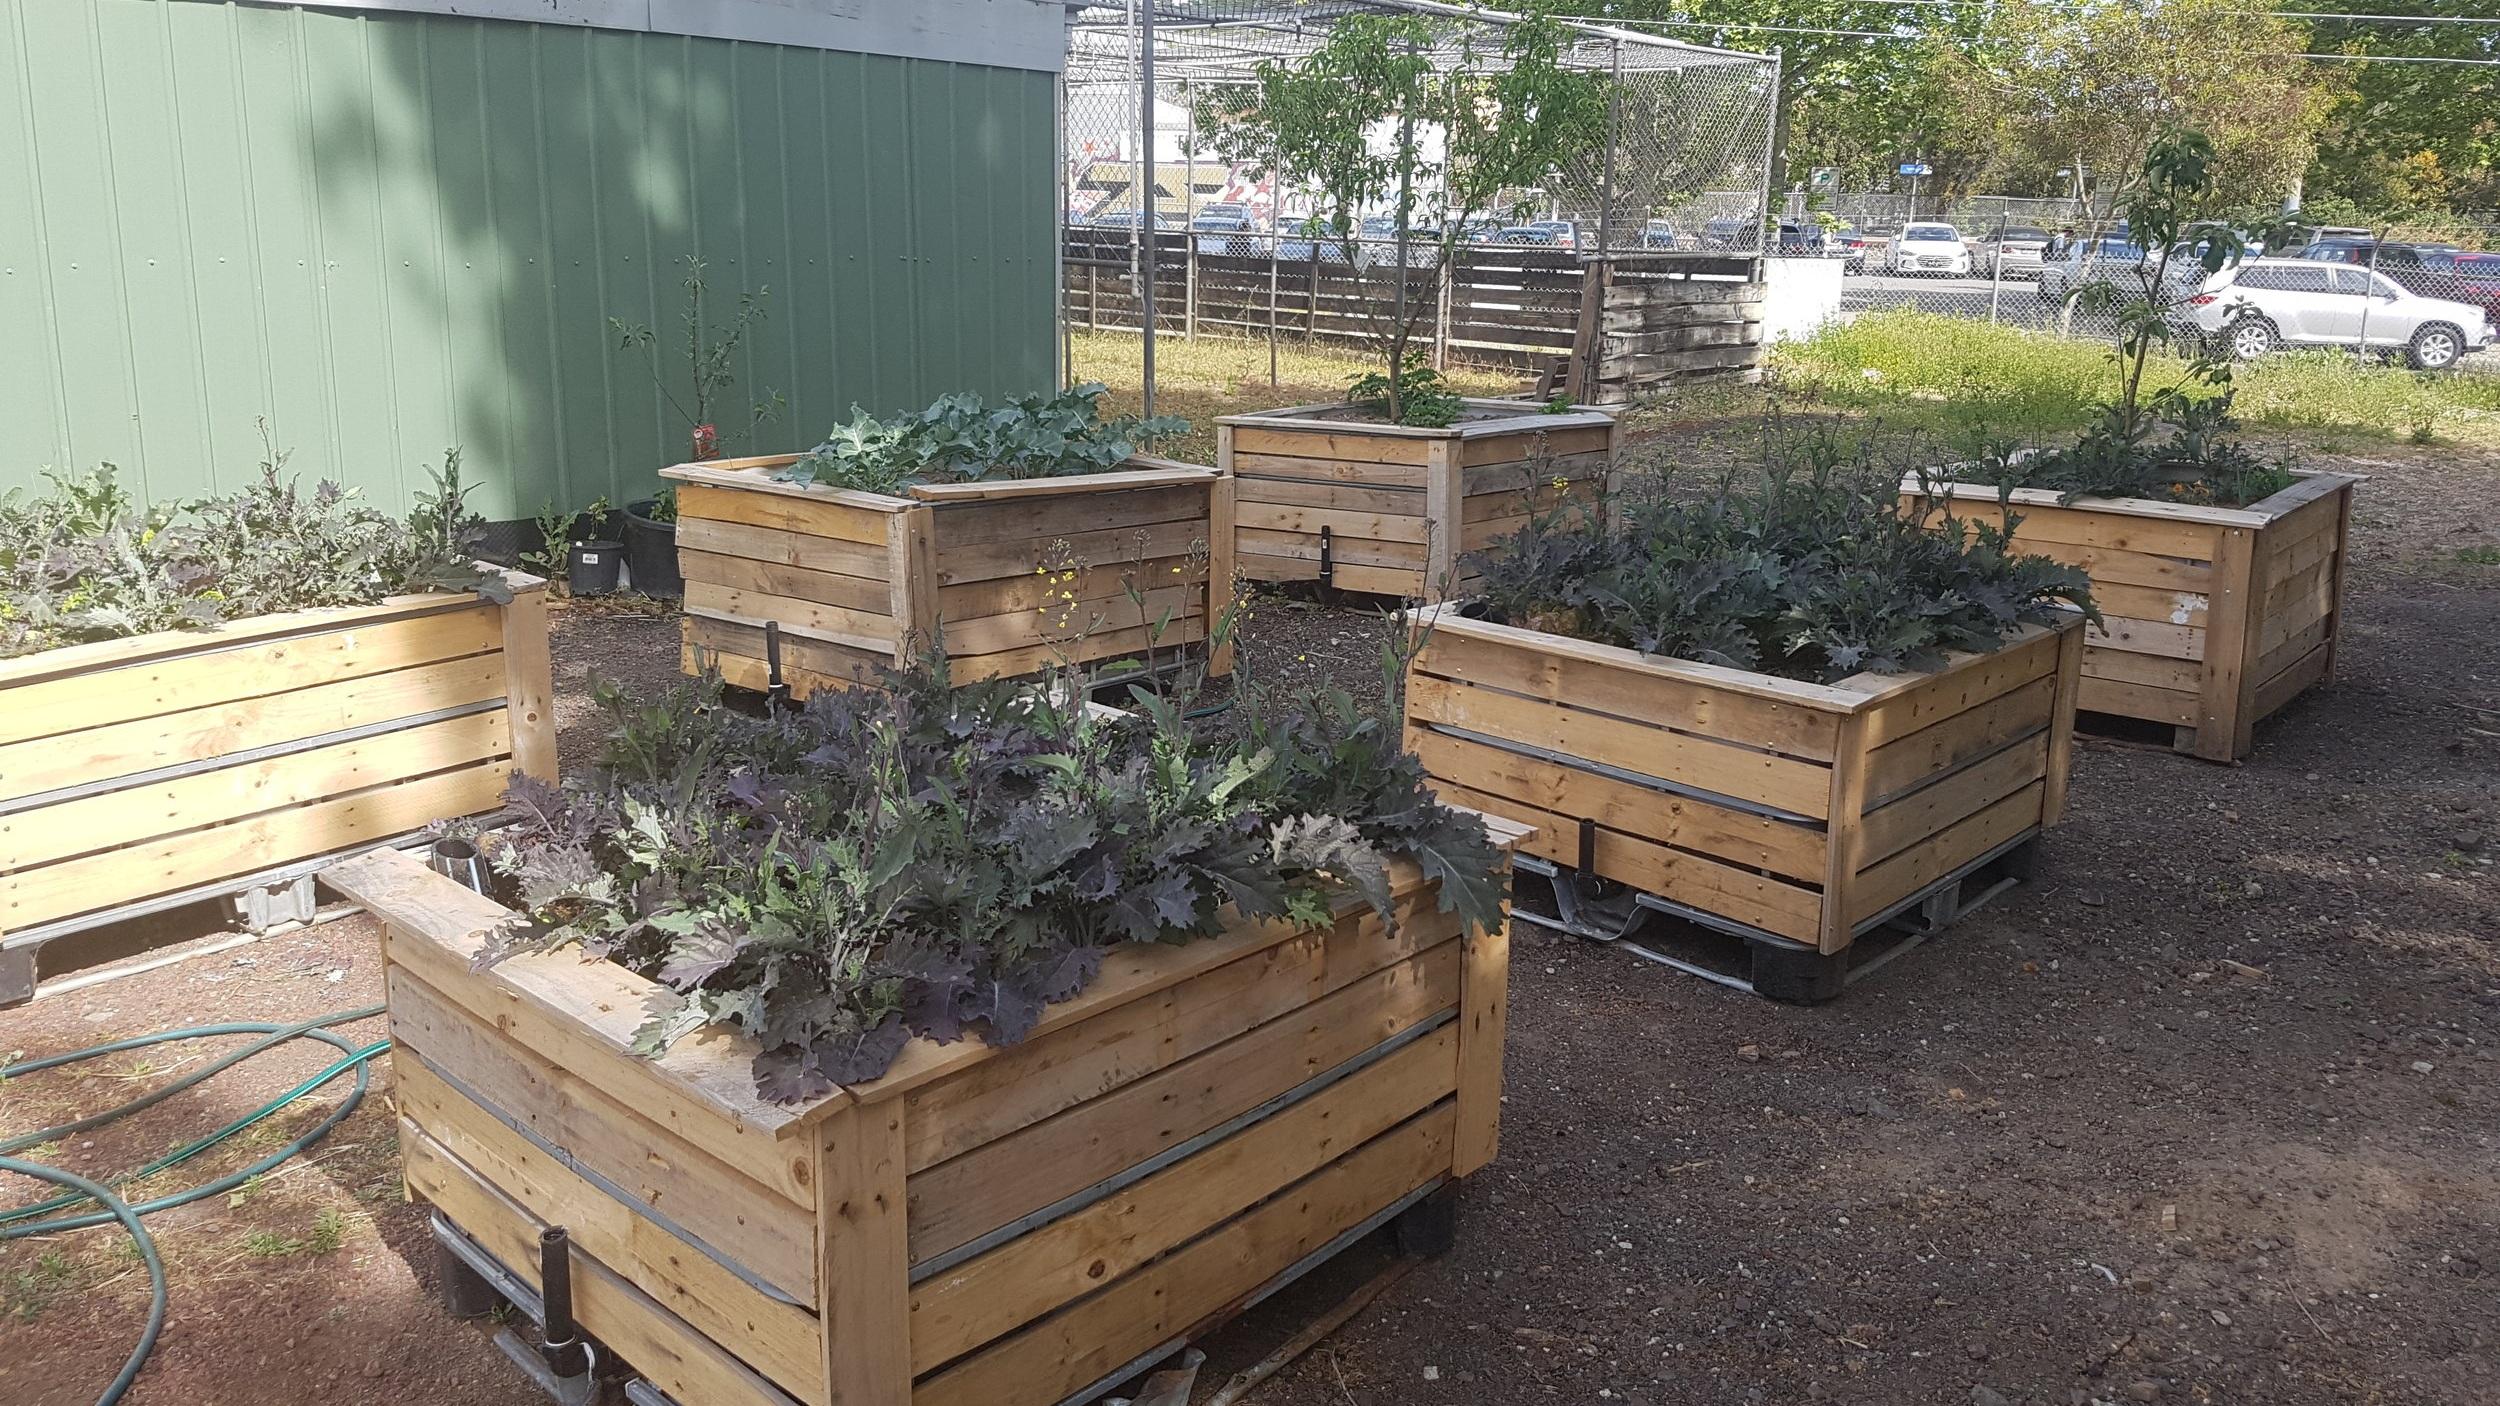 Food+Hub+image+of+veggie+gardens.jpg